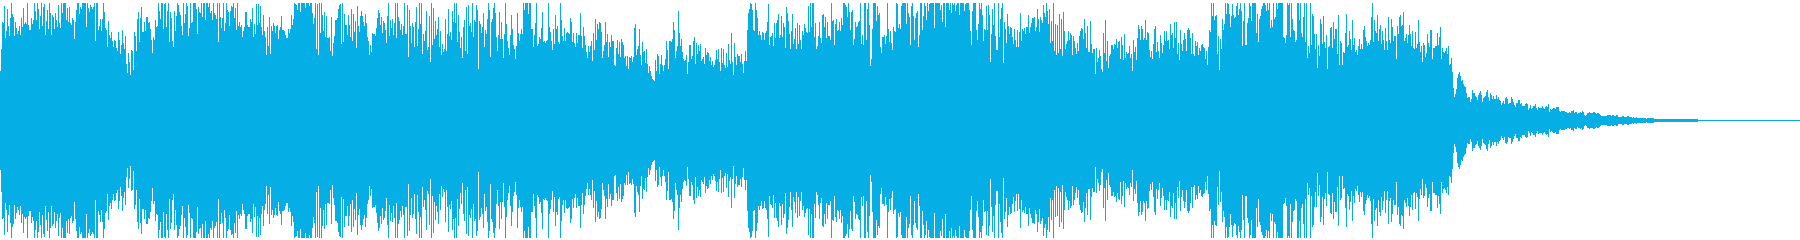 短い尺のロゴ・テーマ用の、ダークな雰囲気の再生済みの波形